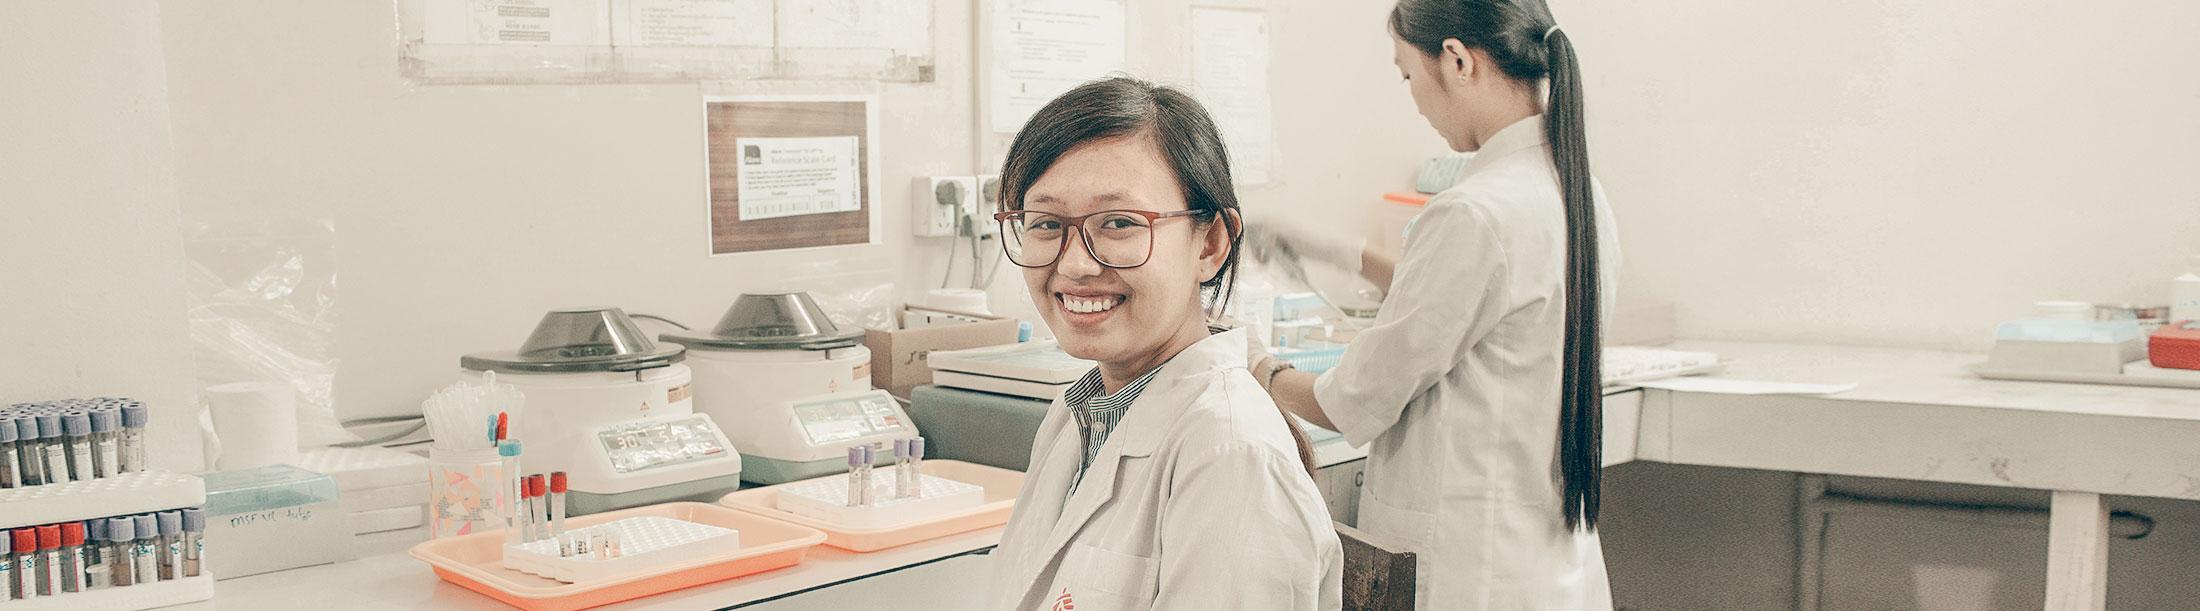 Tecnici di laboratorio